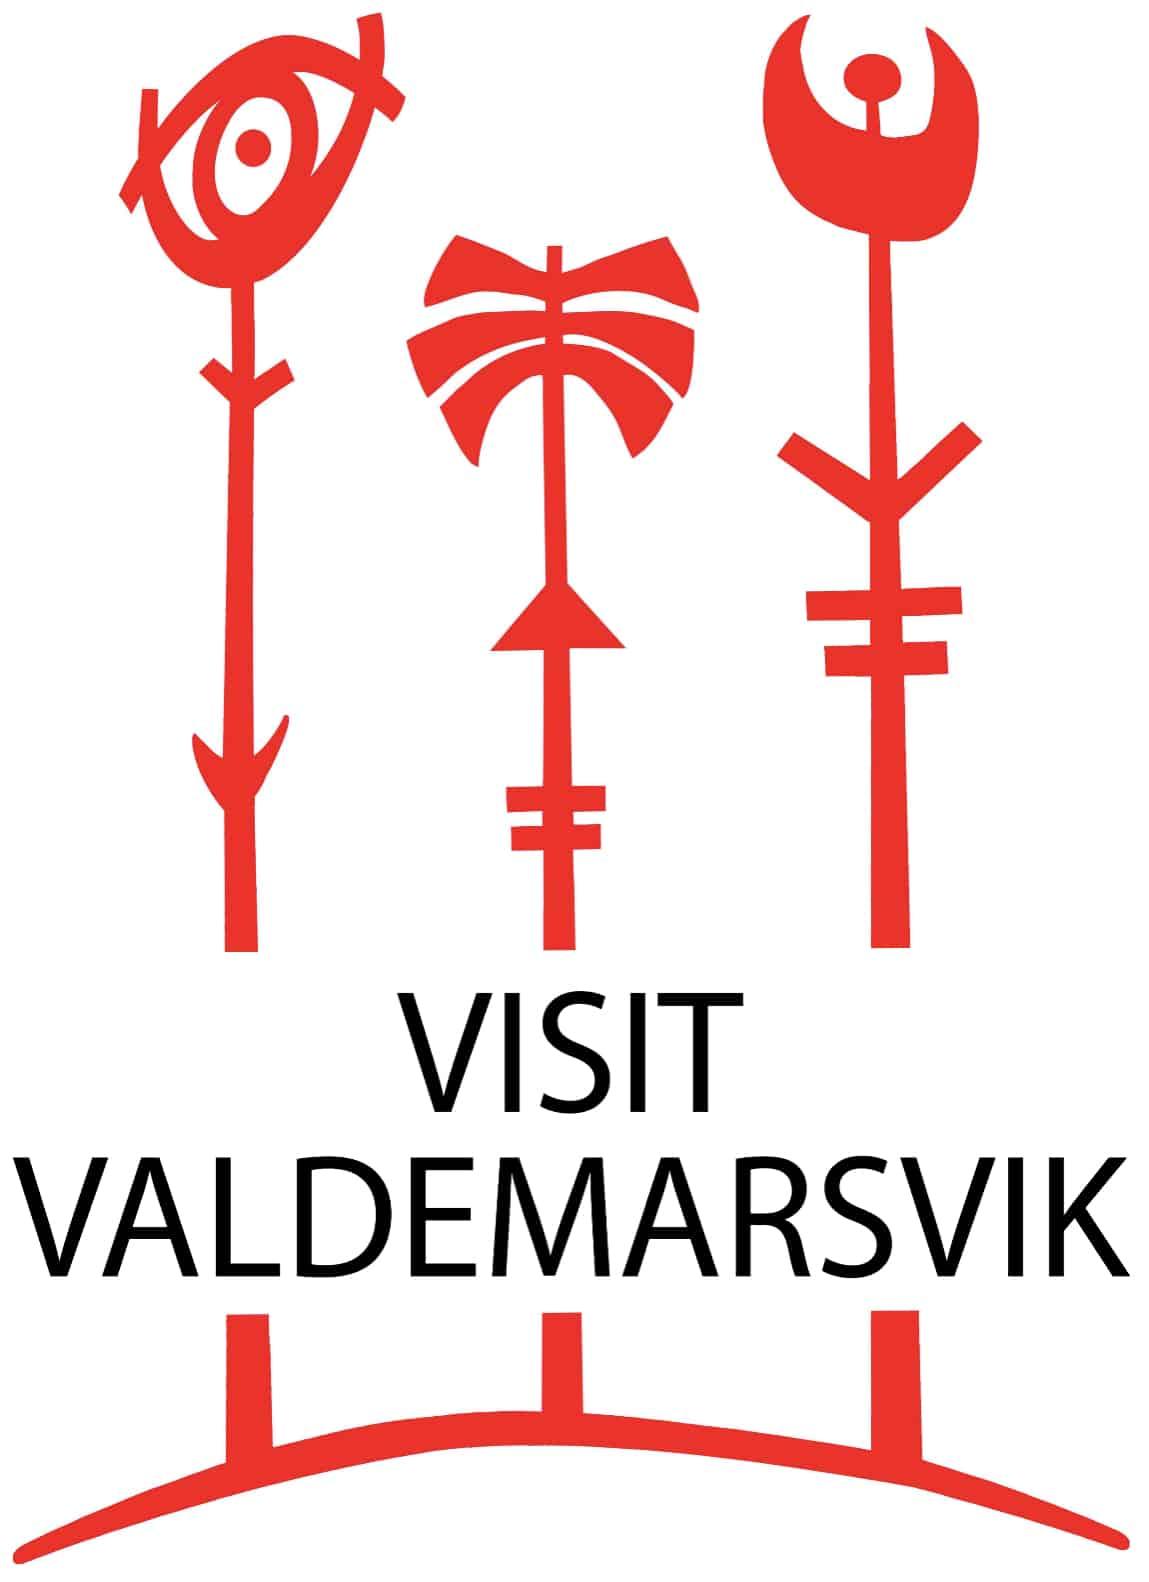 Turistföreningen Visit Valdemarsvik